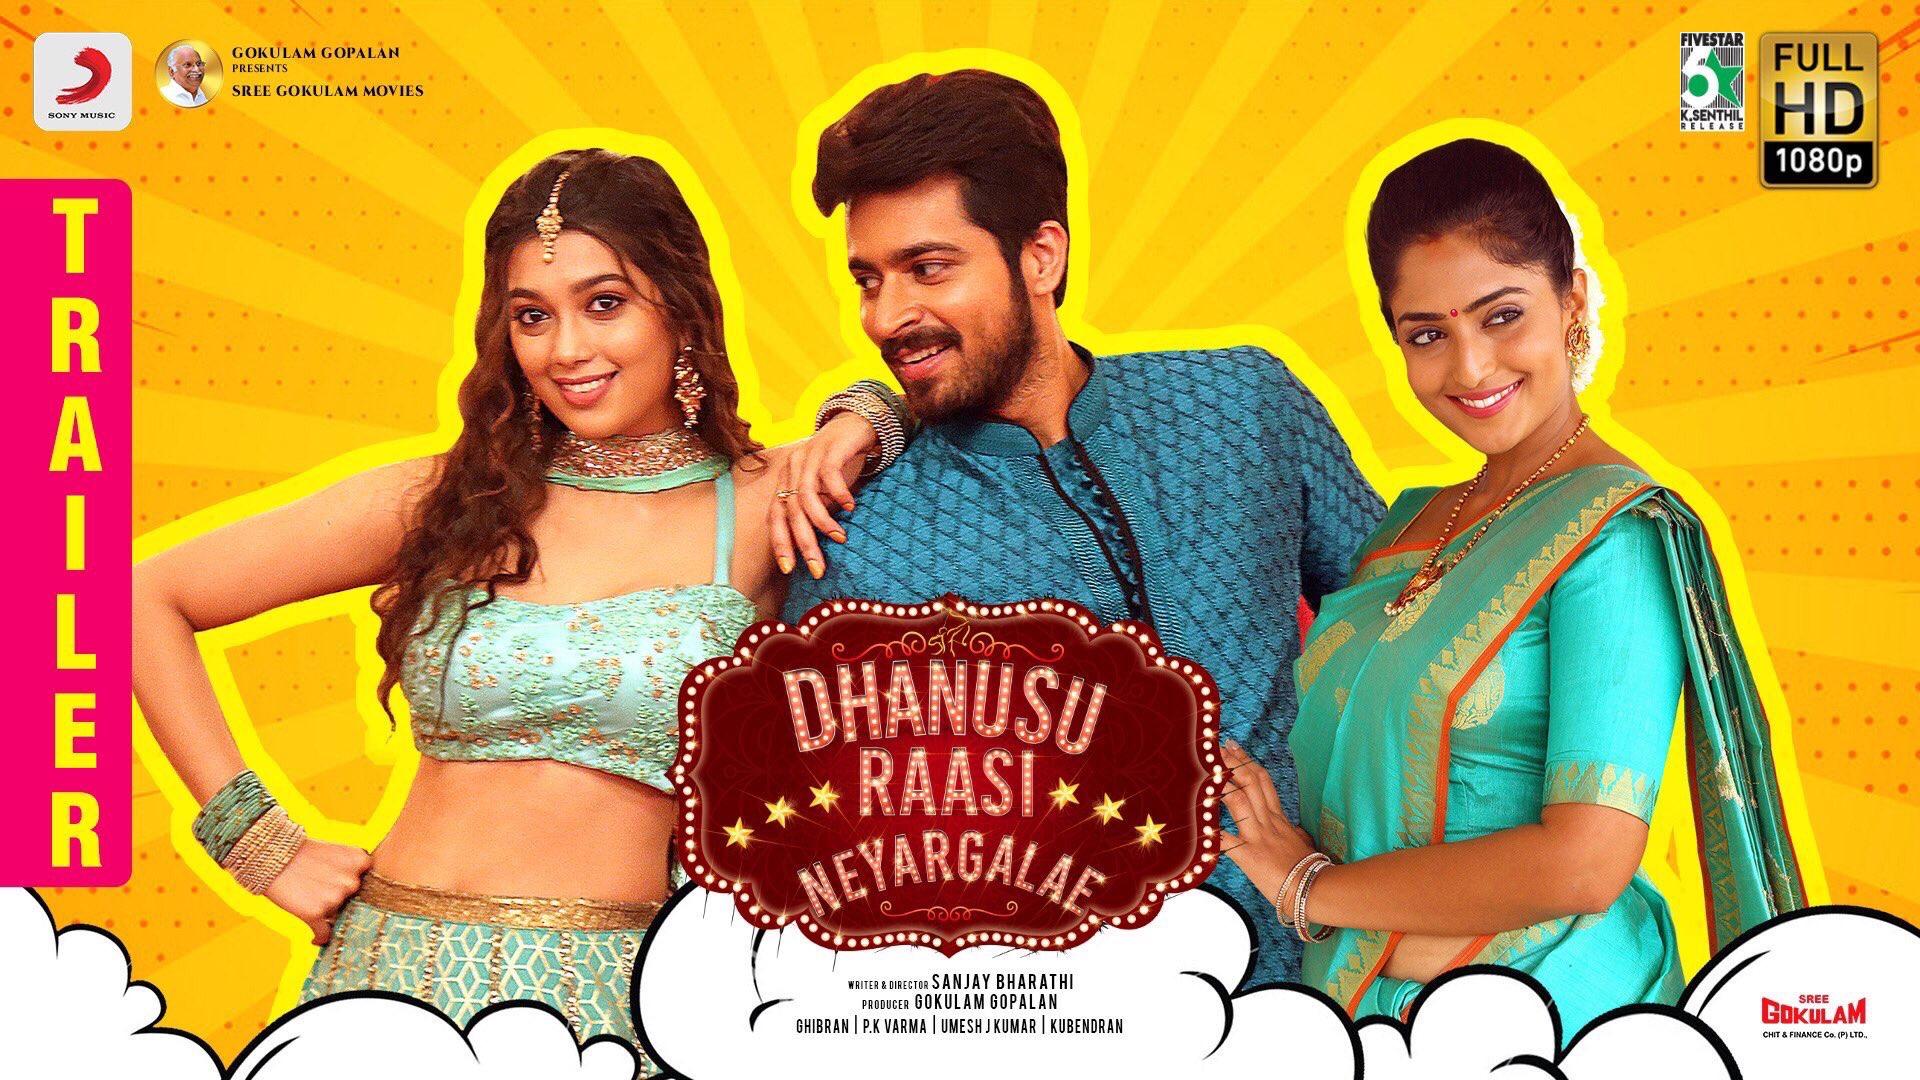 Dhanusu Raasi Neyargalae Trailer